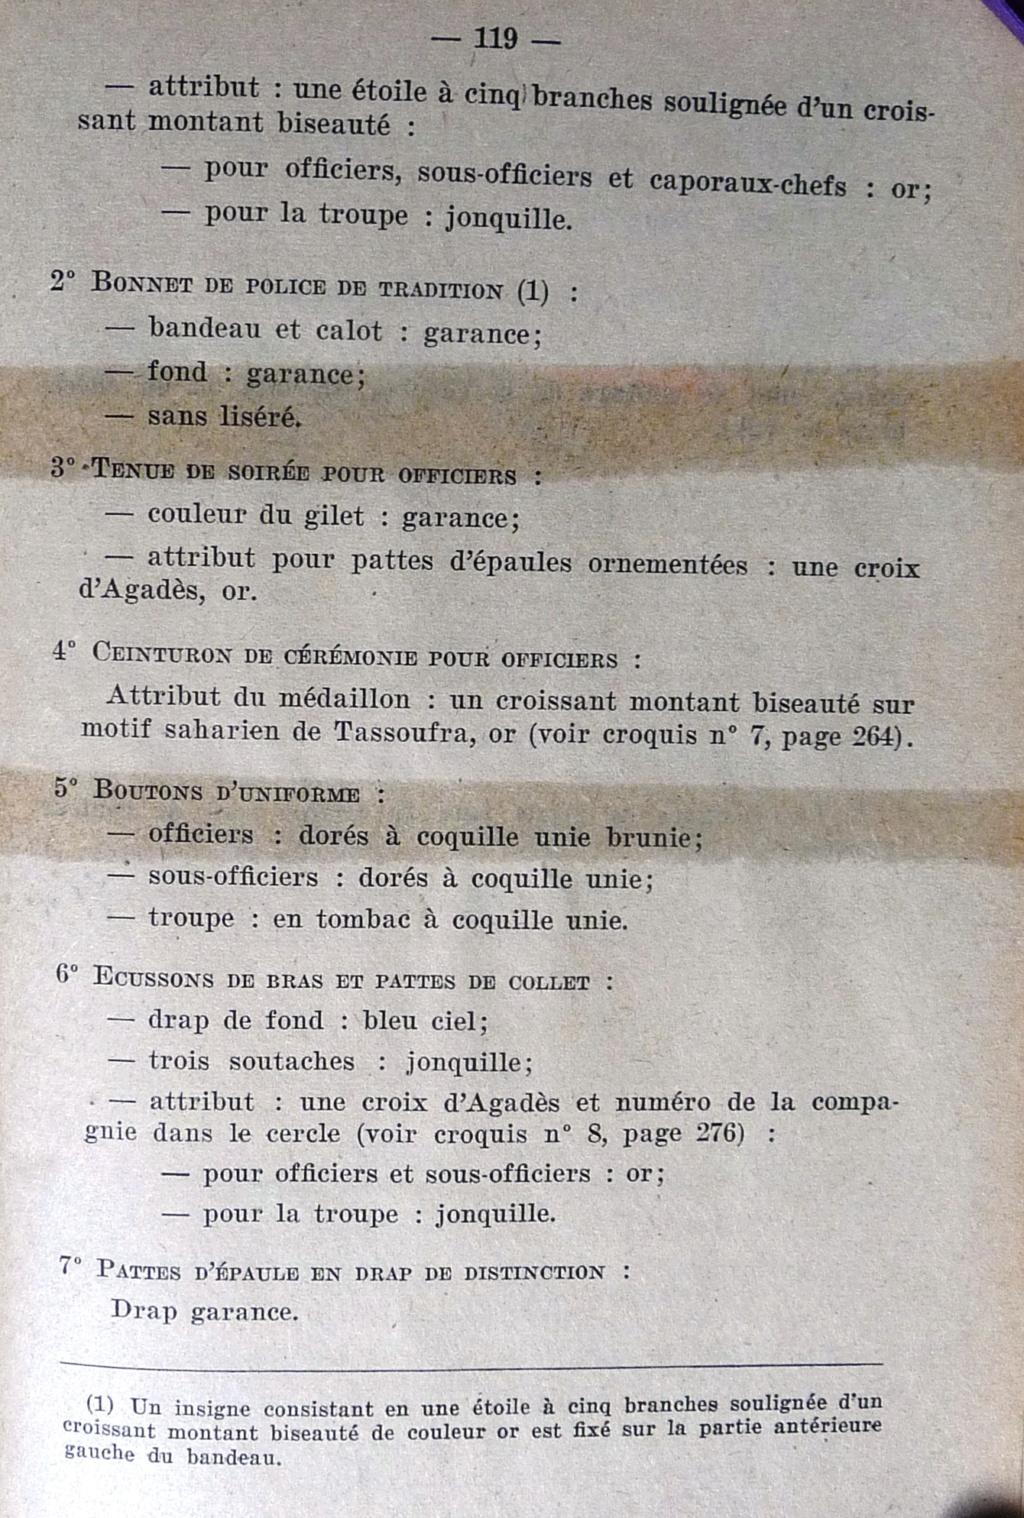 """Recherche """"instructions relatives aux tenues et uniformes"""" de 1958 Cosa_011"""